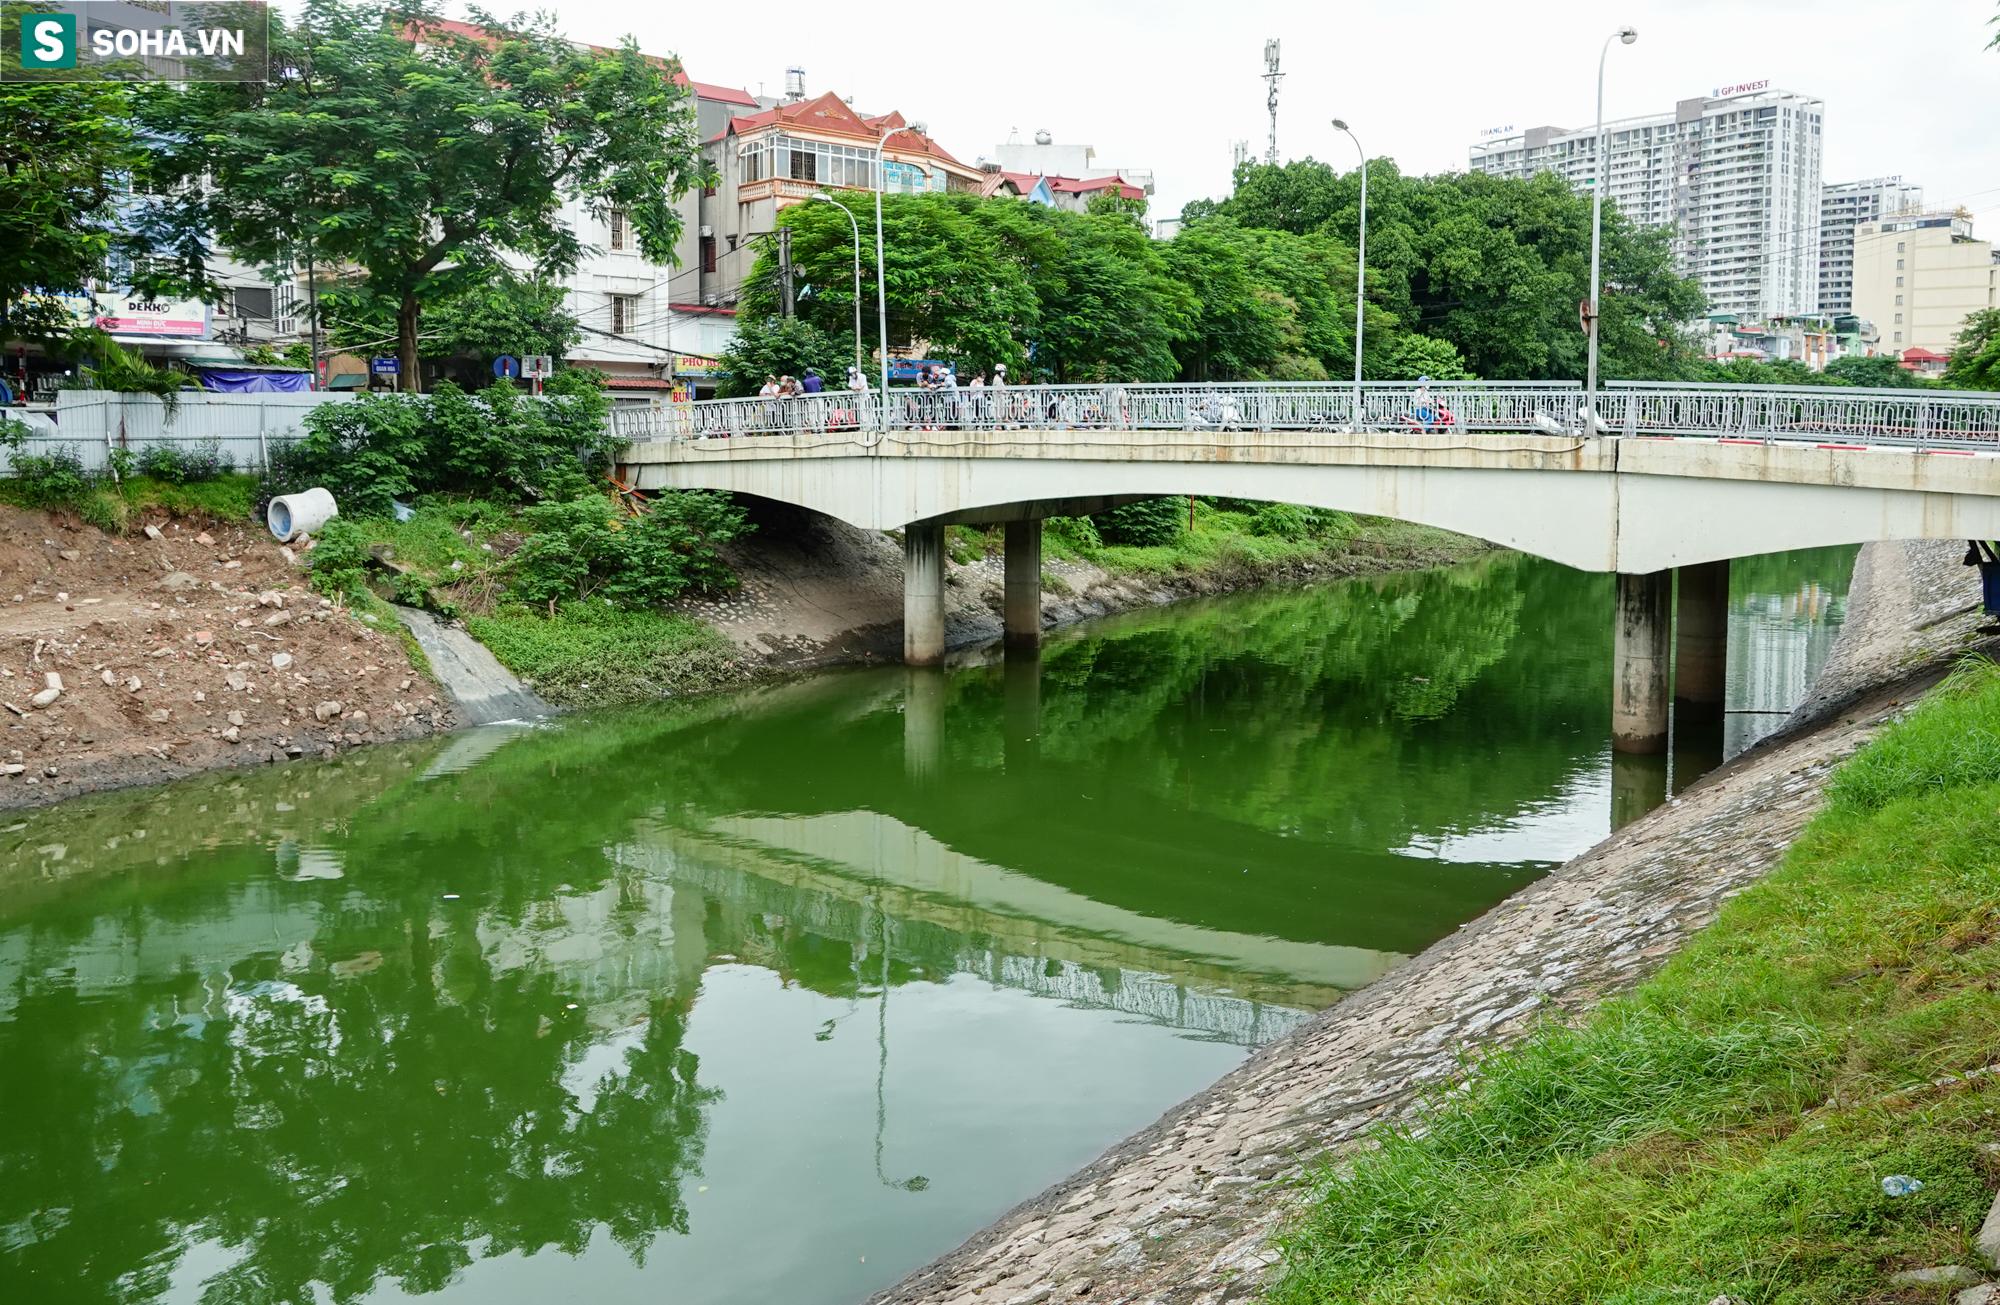 [ẢNH] Cận cảnh dòng nước xanh ngắt hiếm thấy tại sông Tô Lịch, cá bơi nhộn nhịp hàng đàn - Ảnh 3.